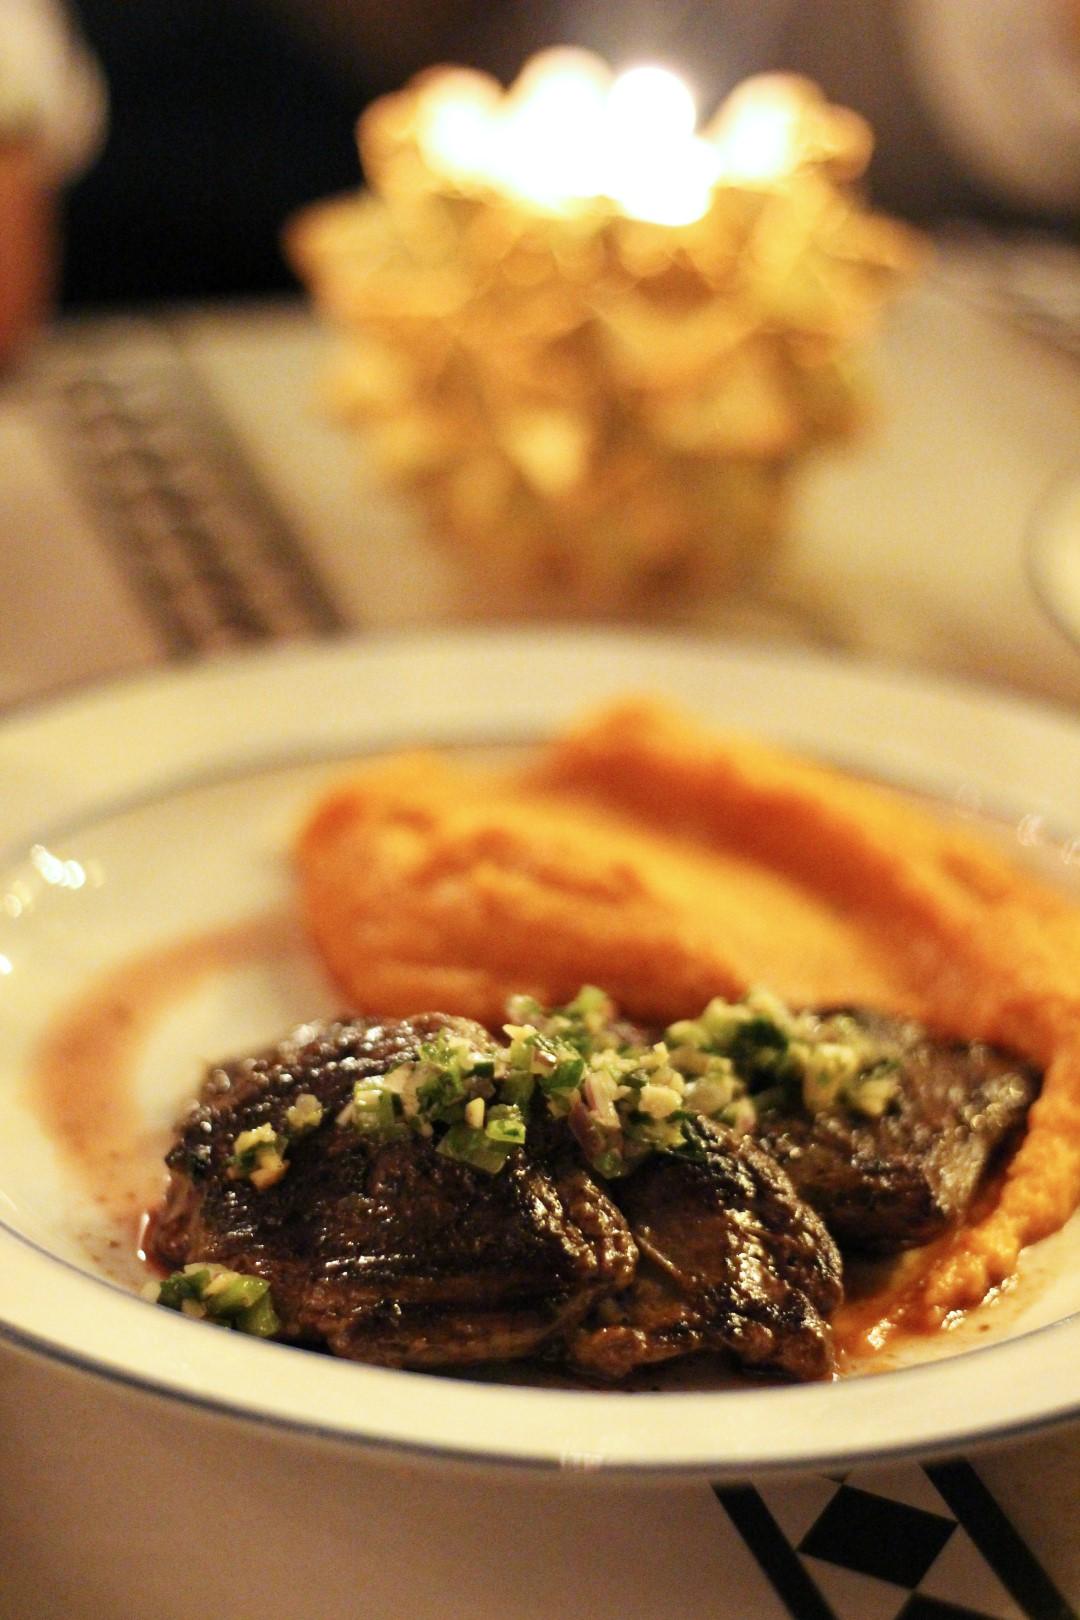 879 house, restaurant montevideo, uruguay, restaurante cocina francesa, salir a comer.